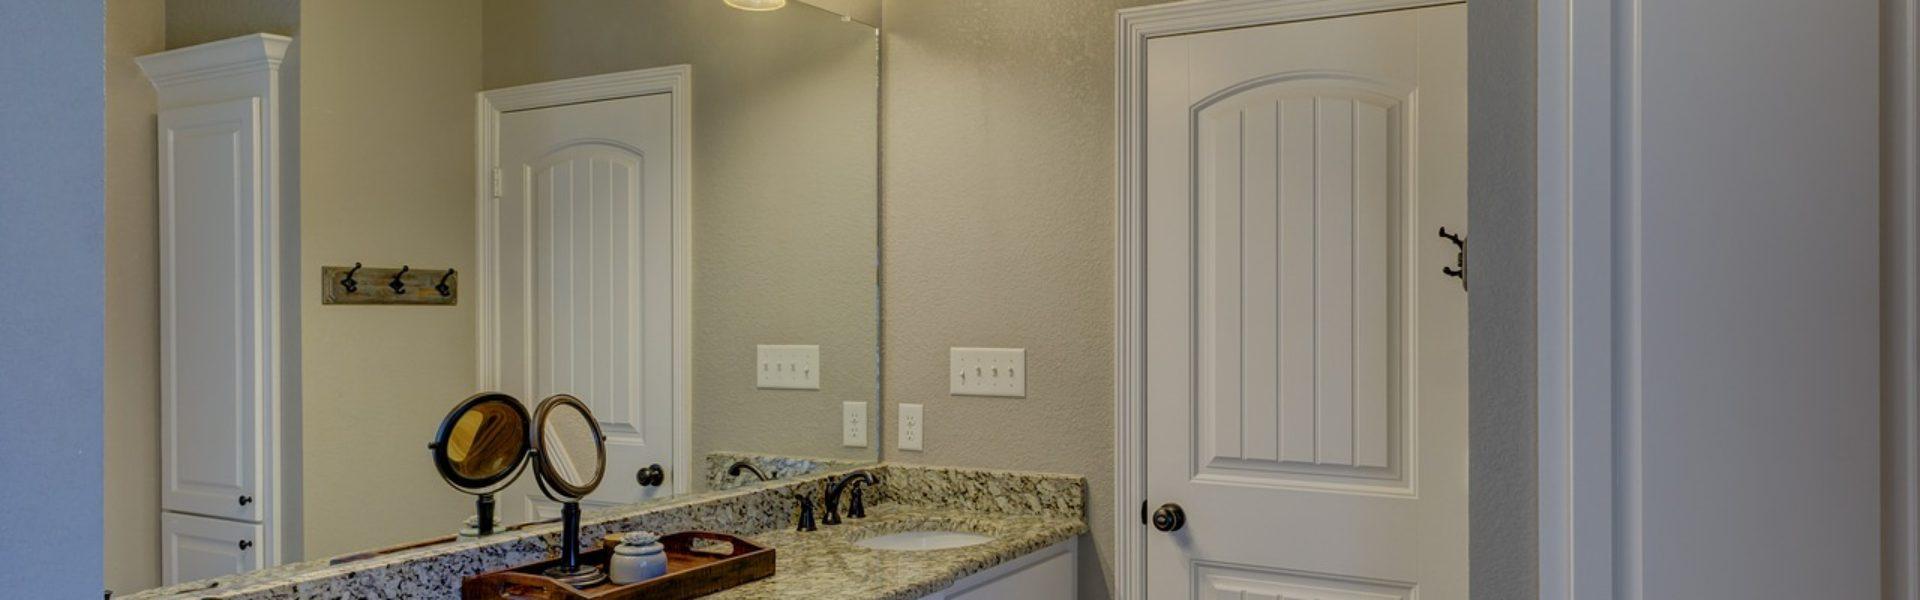 Столешницы для ванной комнаты